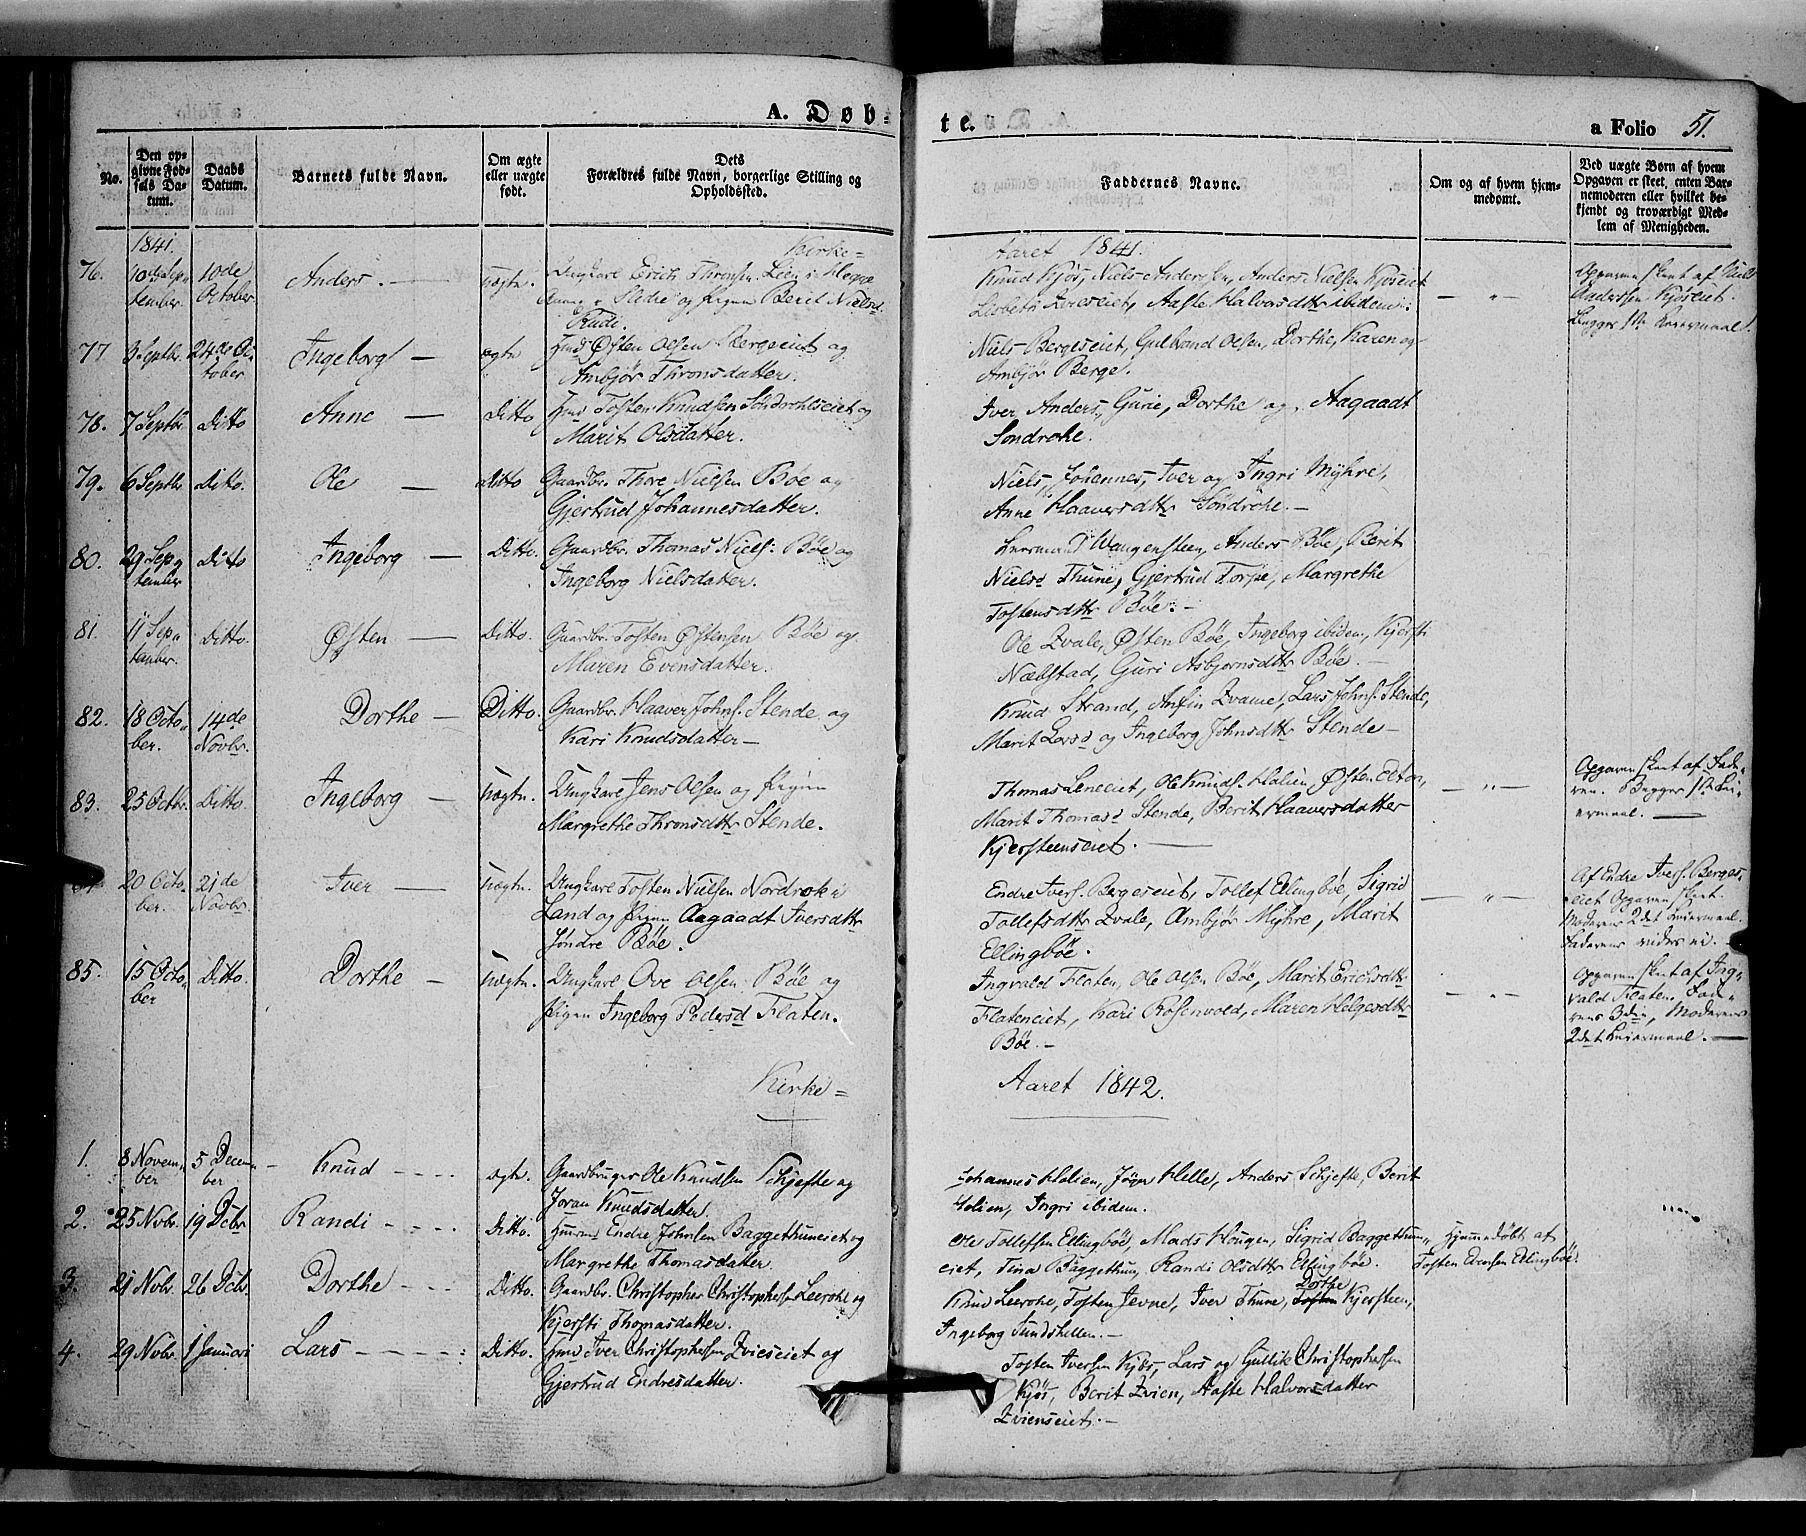 SAH, Vang prestekontor, Valdres, Ministerialbok nr. 5, 1831-1845, s. 51